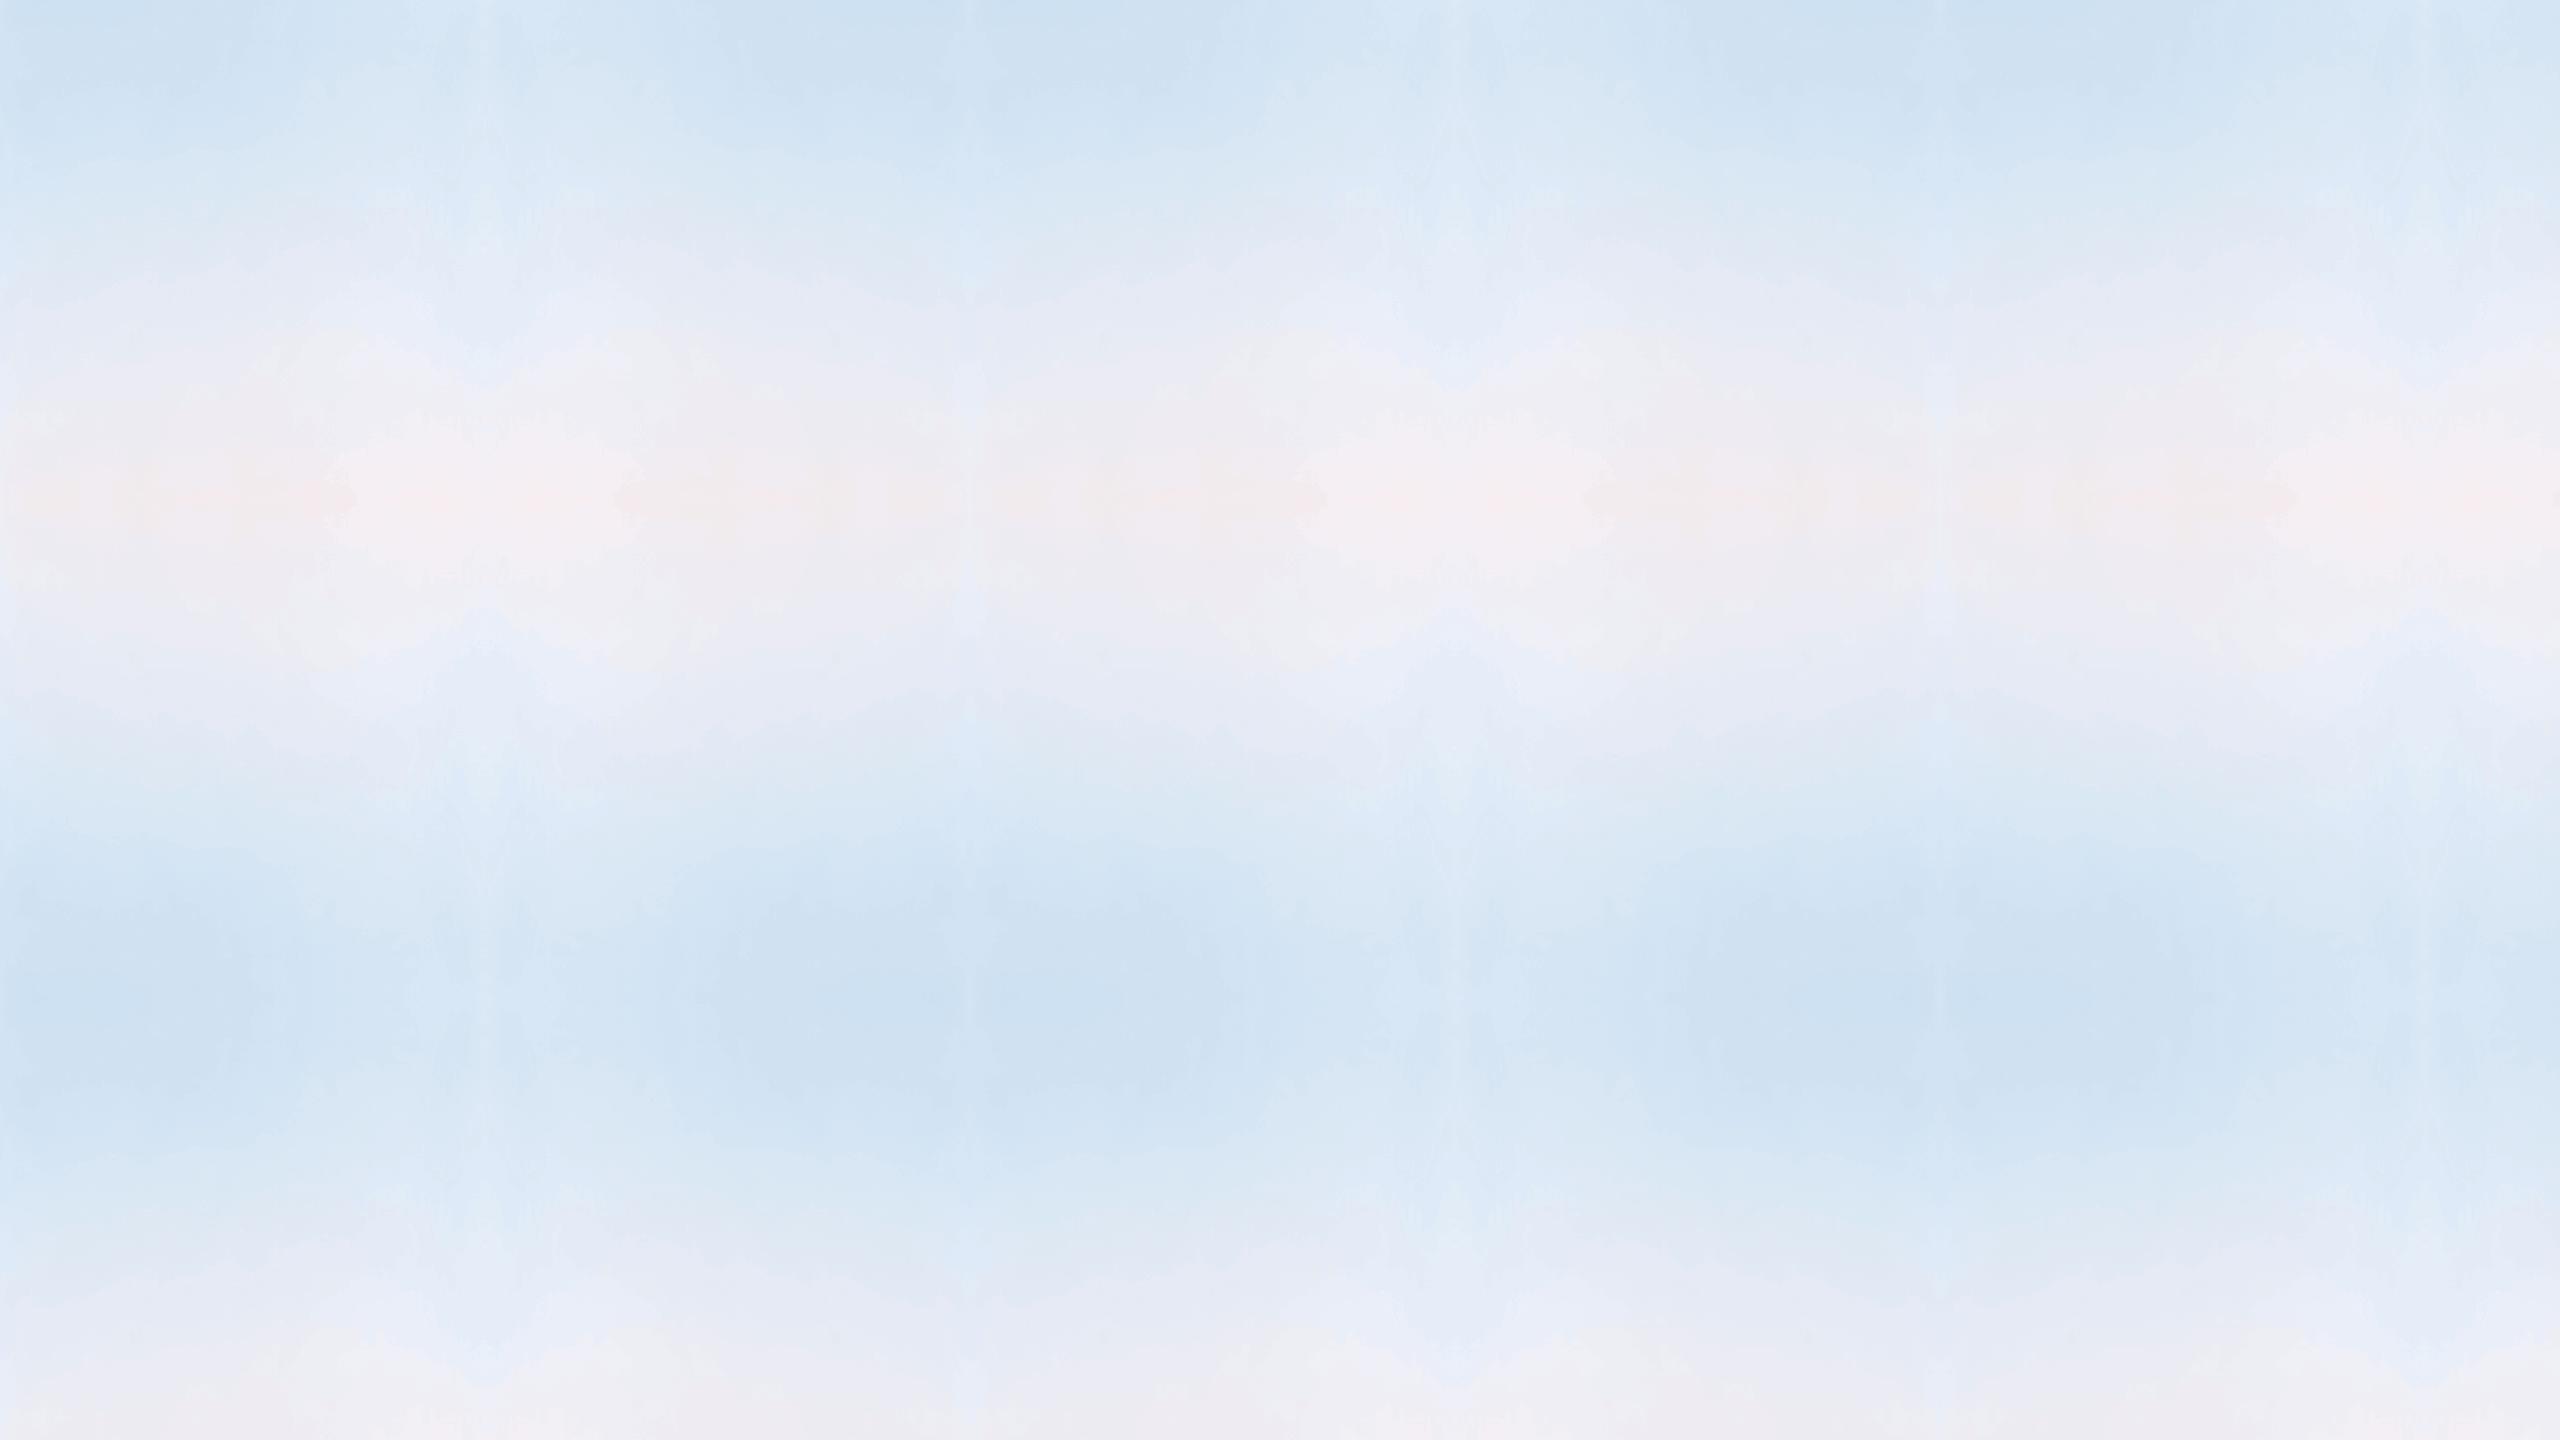 pastel-wallpaper